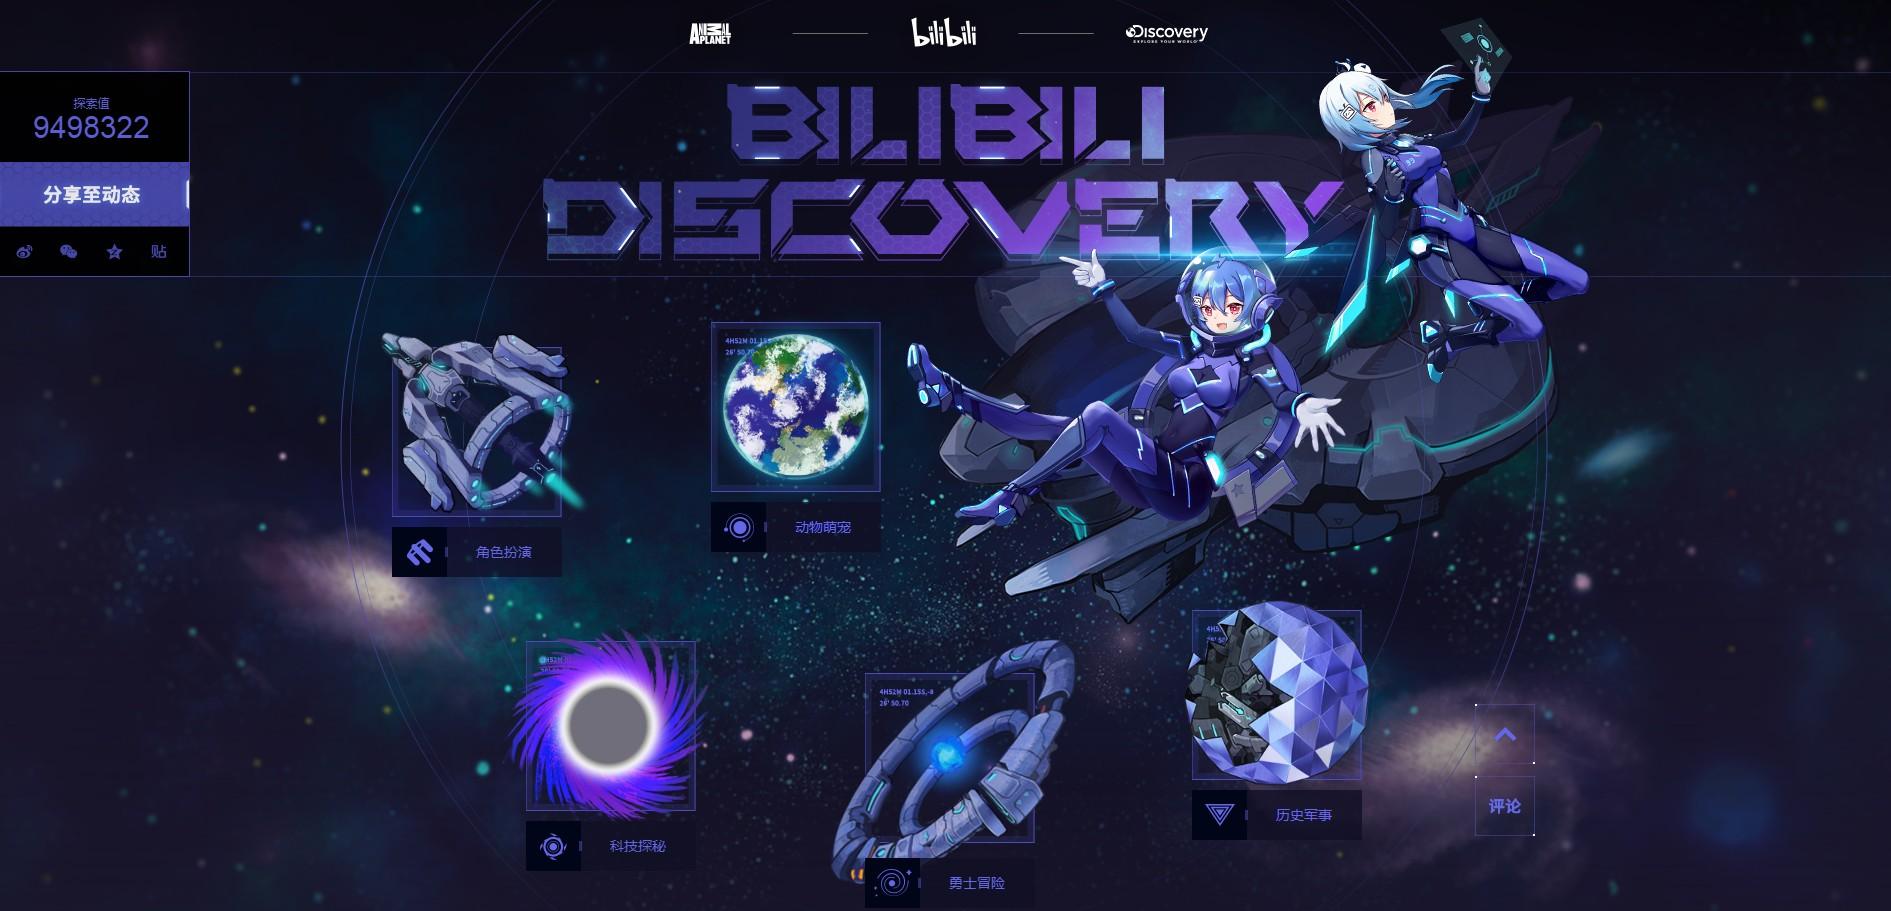 B站與Discovery臻合干 多個王牌節目重磅上線